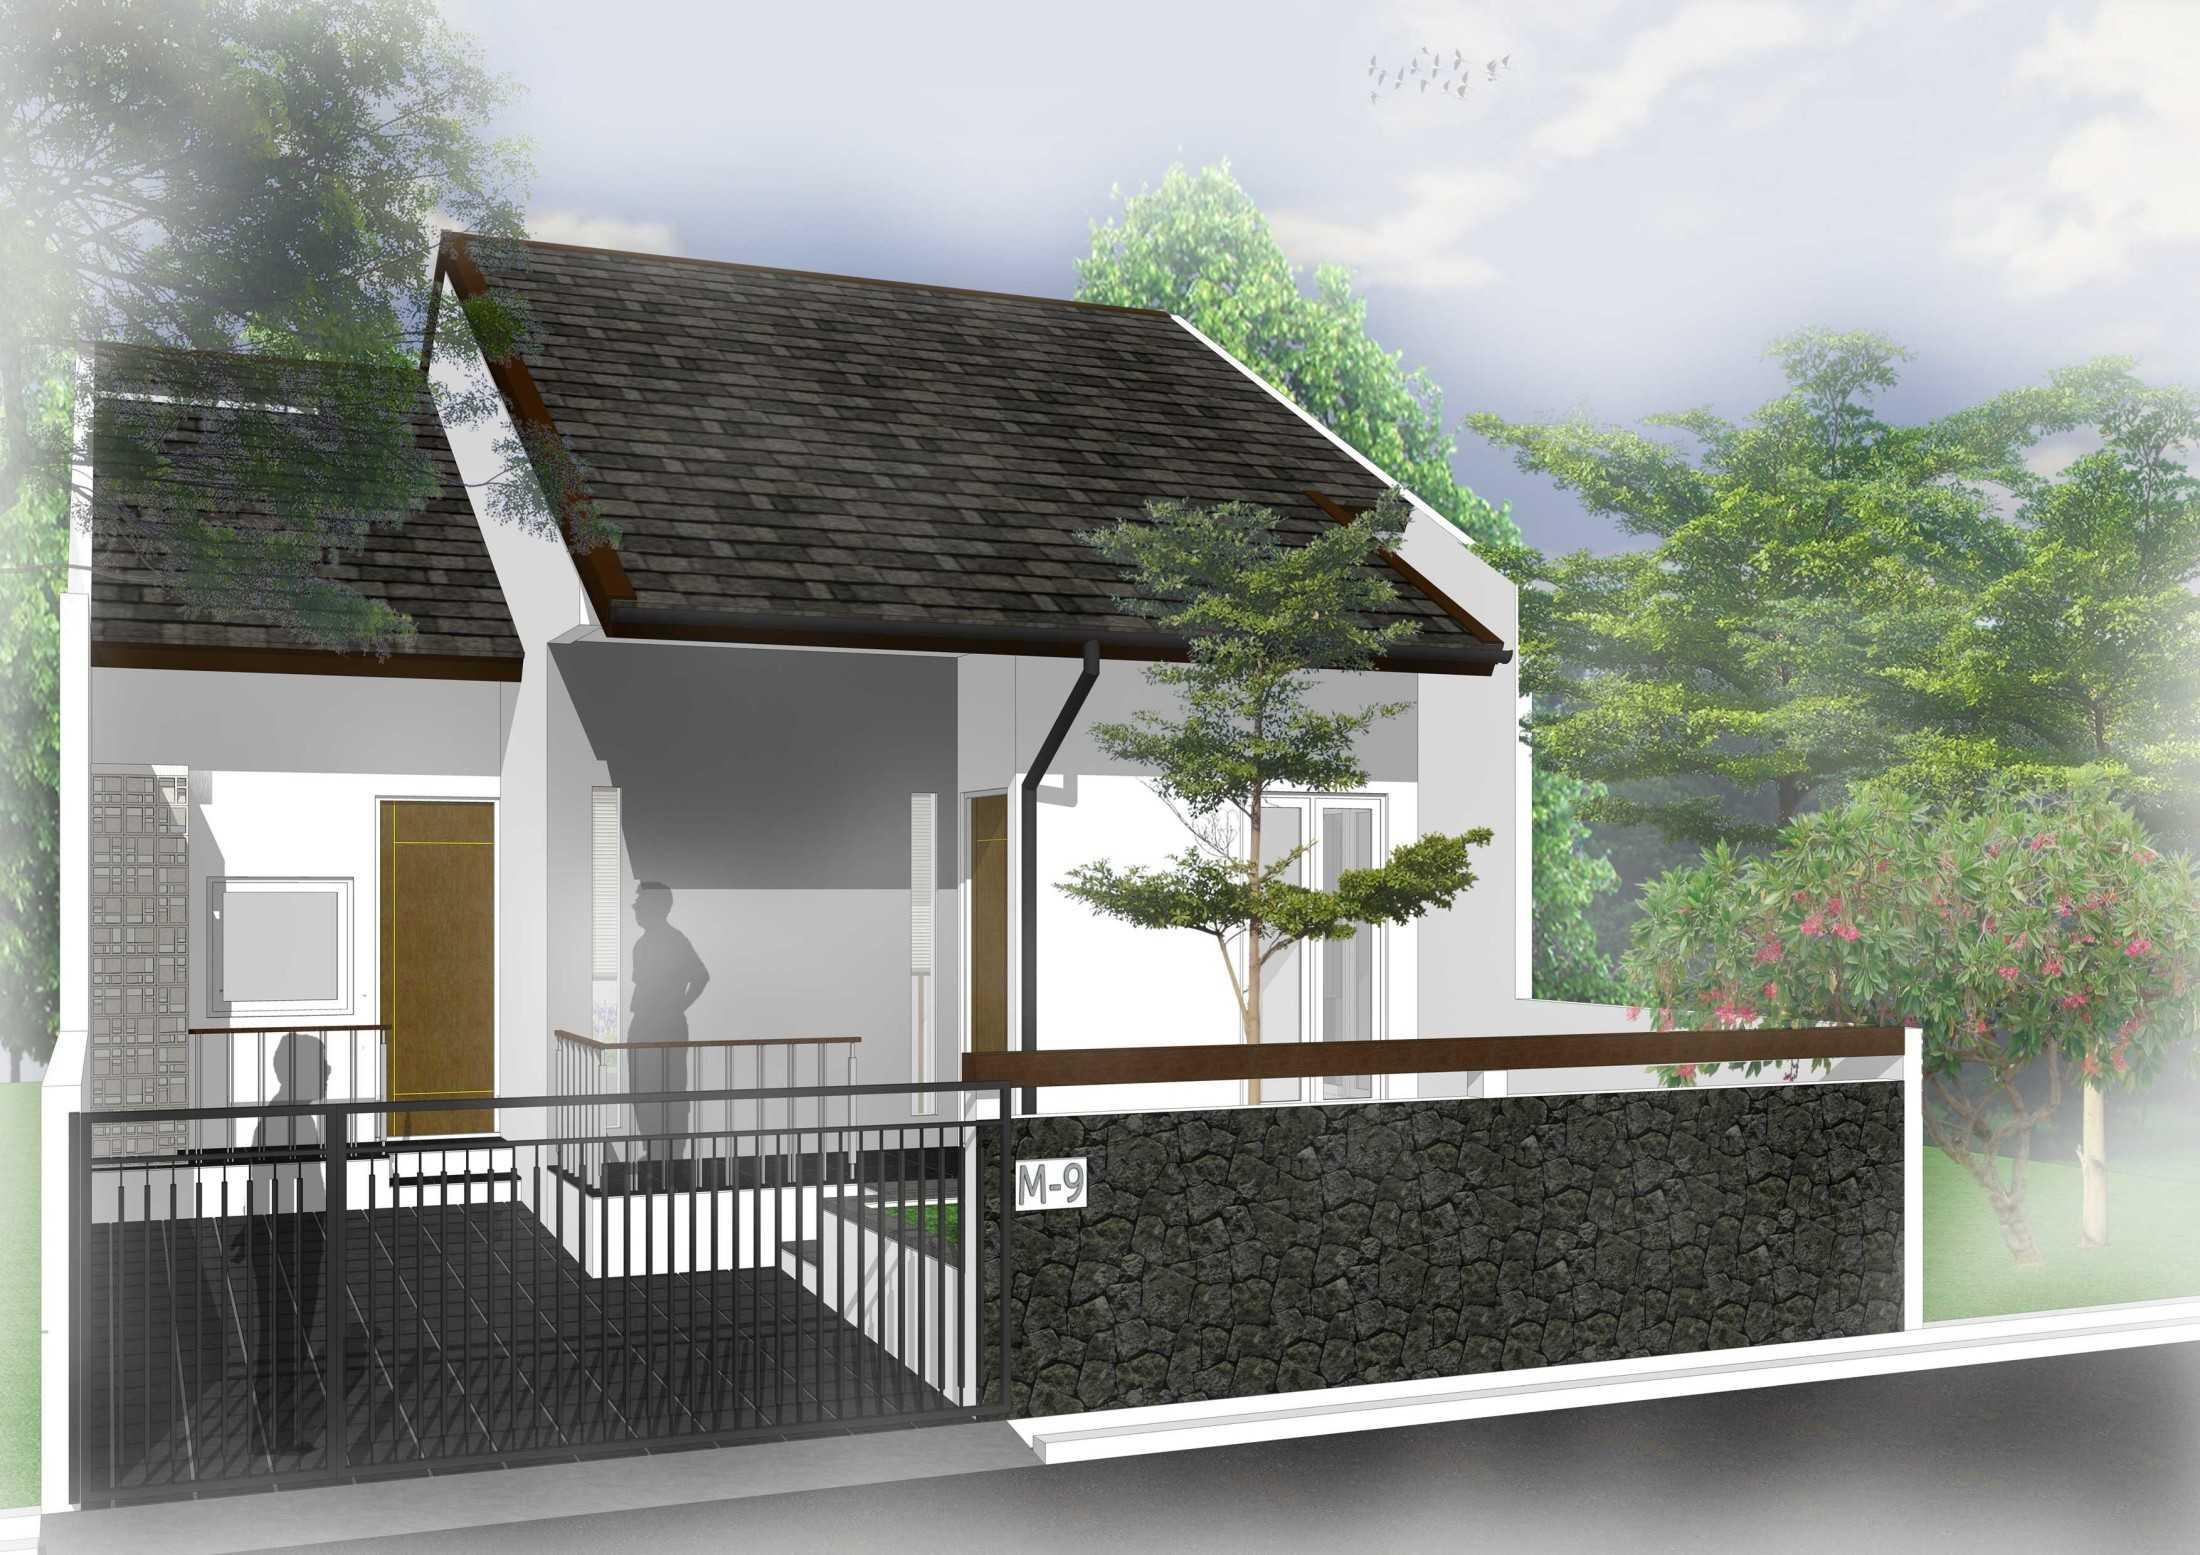 Asdesign Renovasi - Rumah Tinggal - Depok Kota Depok, Jawa Barat, Indonesia Kota Depok, Jawa Barat, Indonesia Asdesign-Rumah-Tinggal-Depok  128731